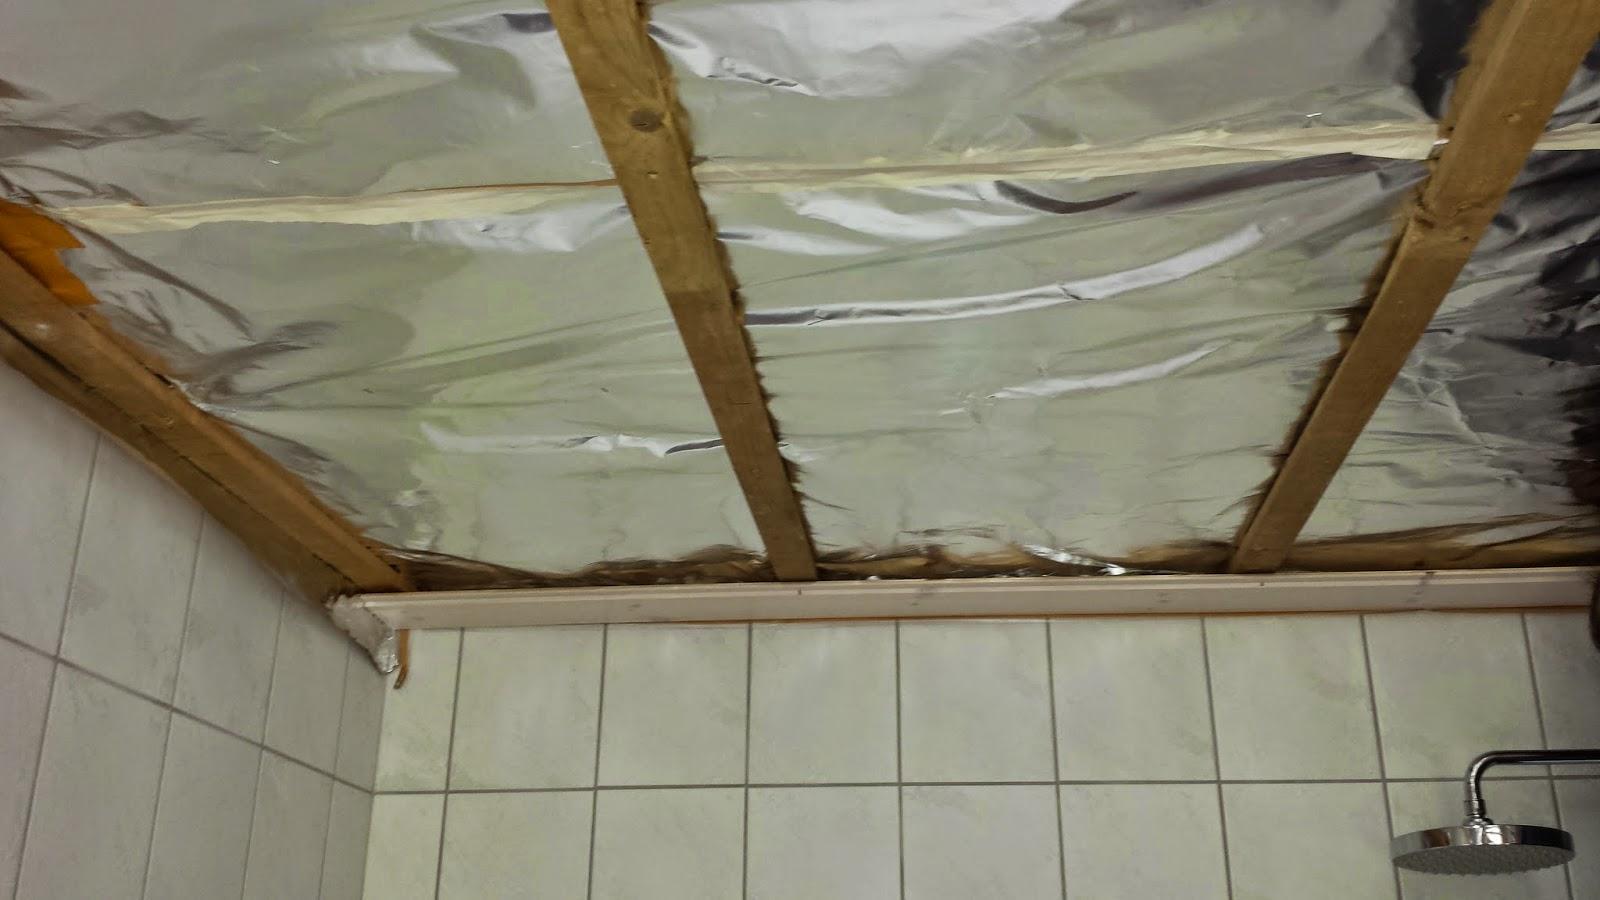 Renovering af badeværelse med fokus på energibesparelser: Nyt loft med fokus på tæt dampspærre